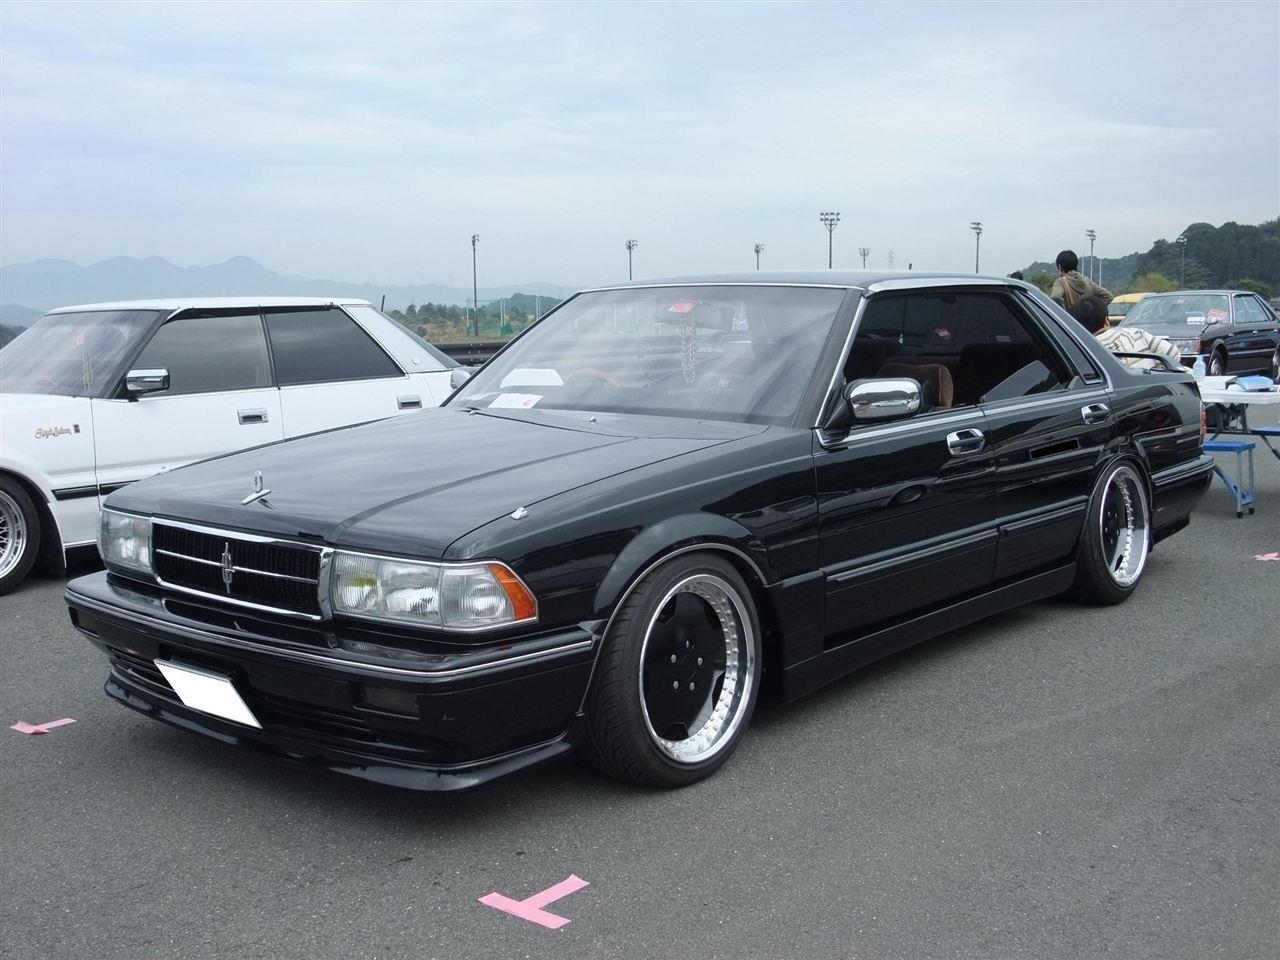 Nissan Cedric Y31, hardtop sedan, klasyczne stare auta, mało znane samochody, unikalne i ciekawe sedany